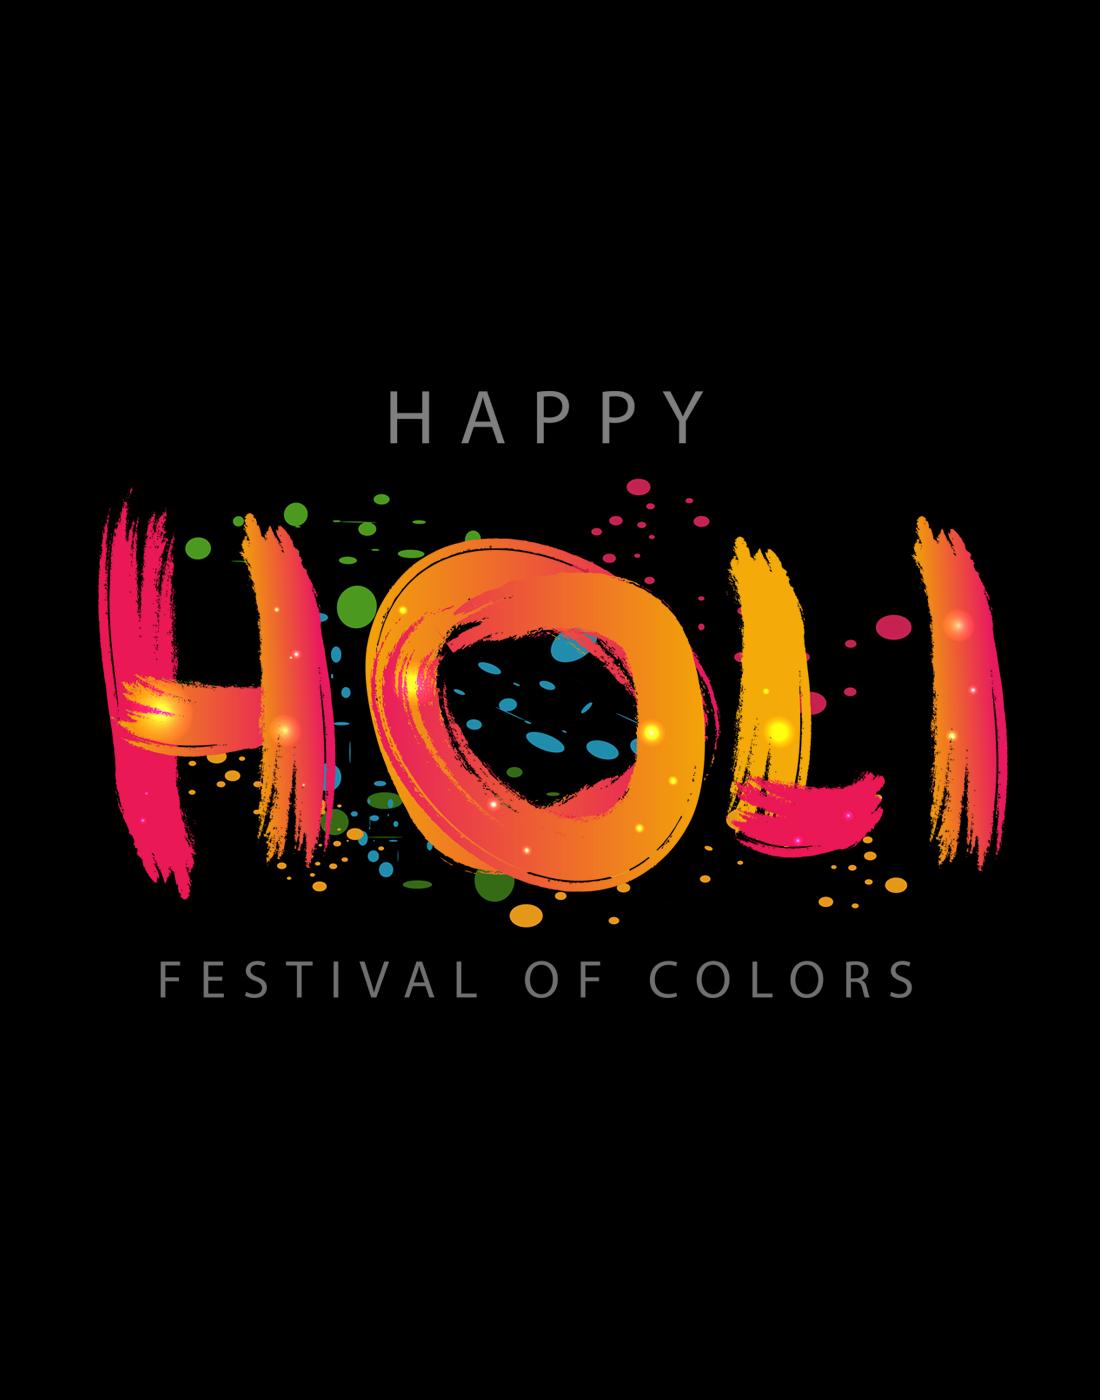 HAPP_HOLI